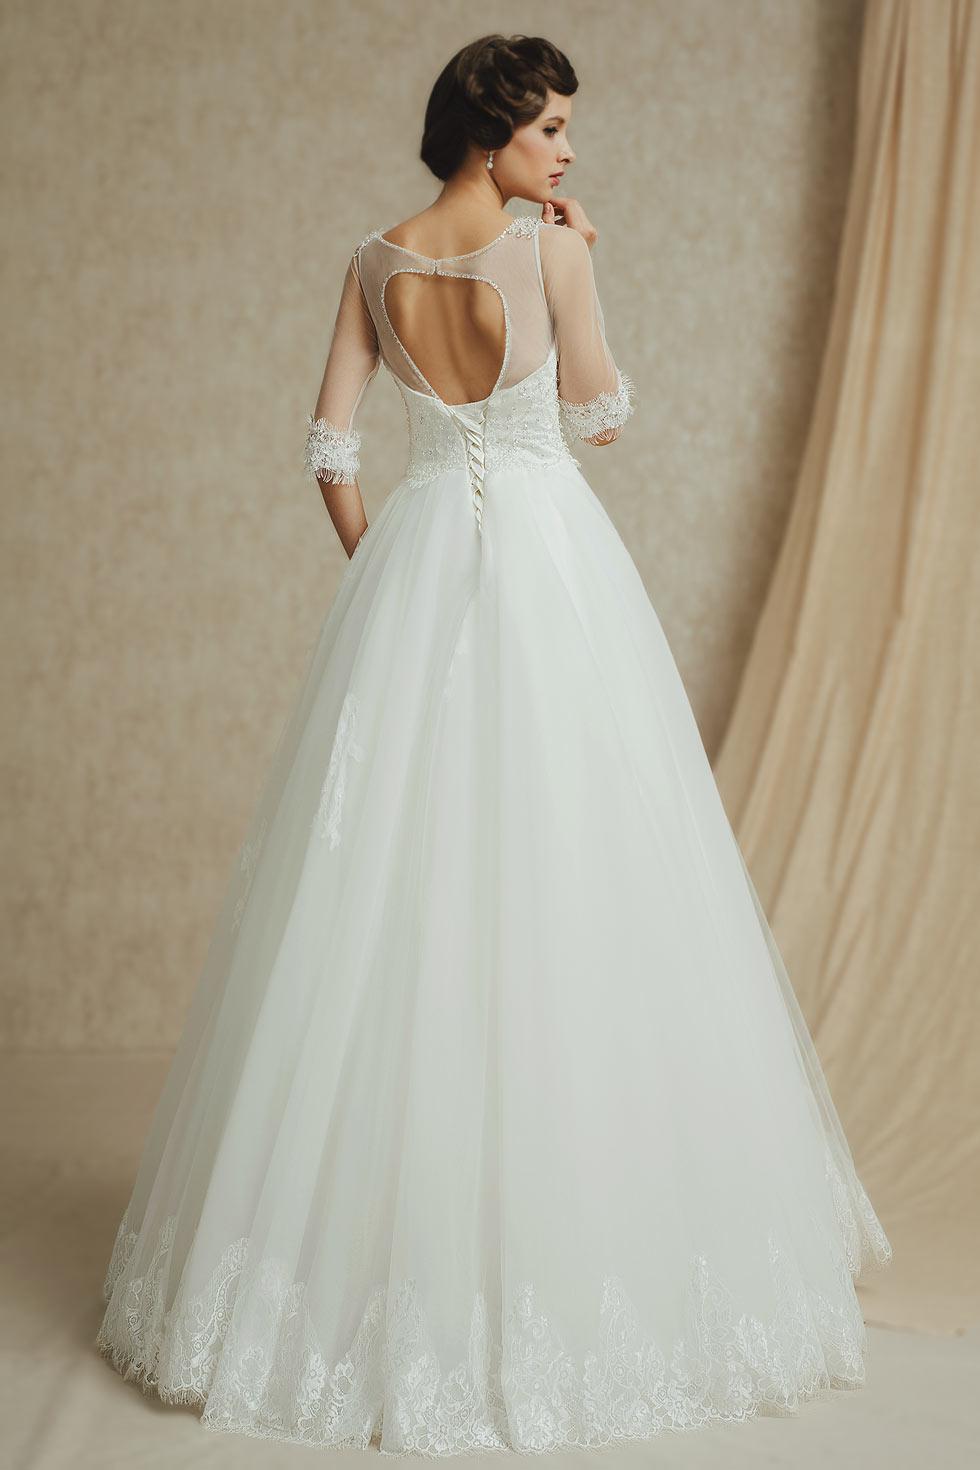 robe de mariée avec manches courtes en dentelle appliquée dos découpé